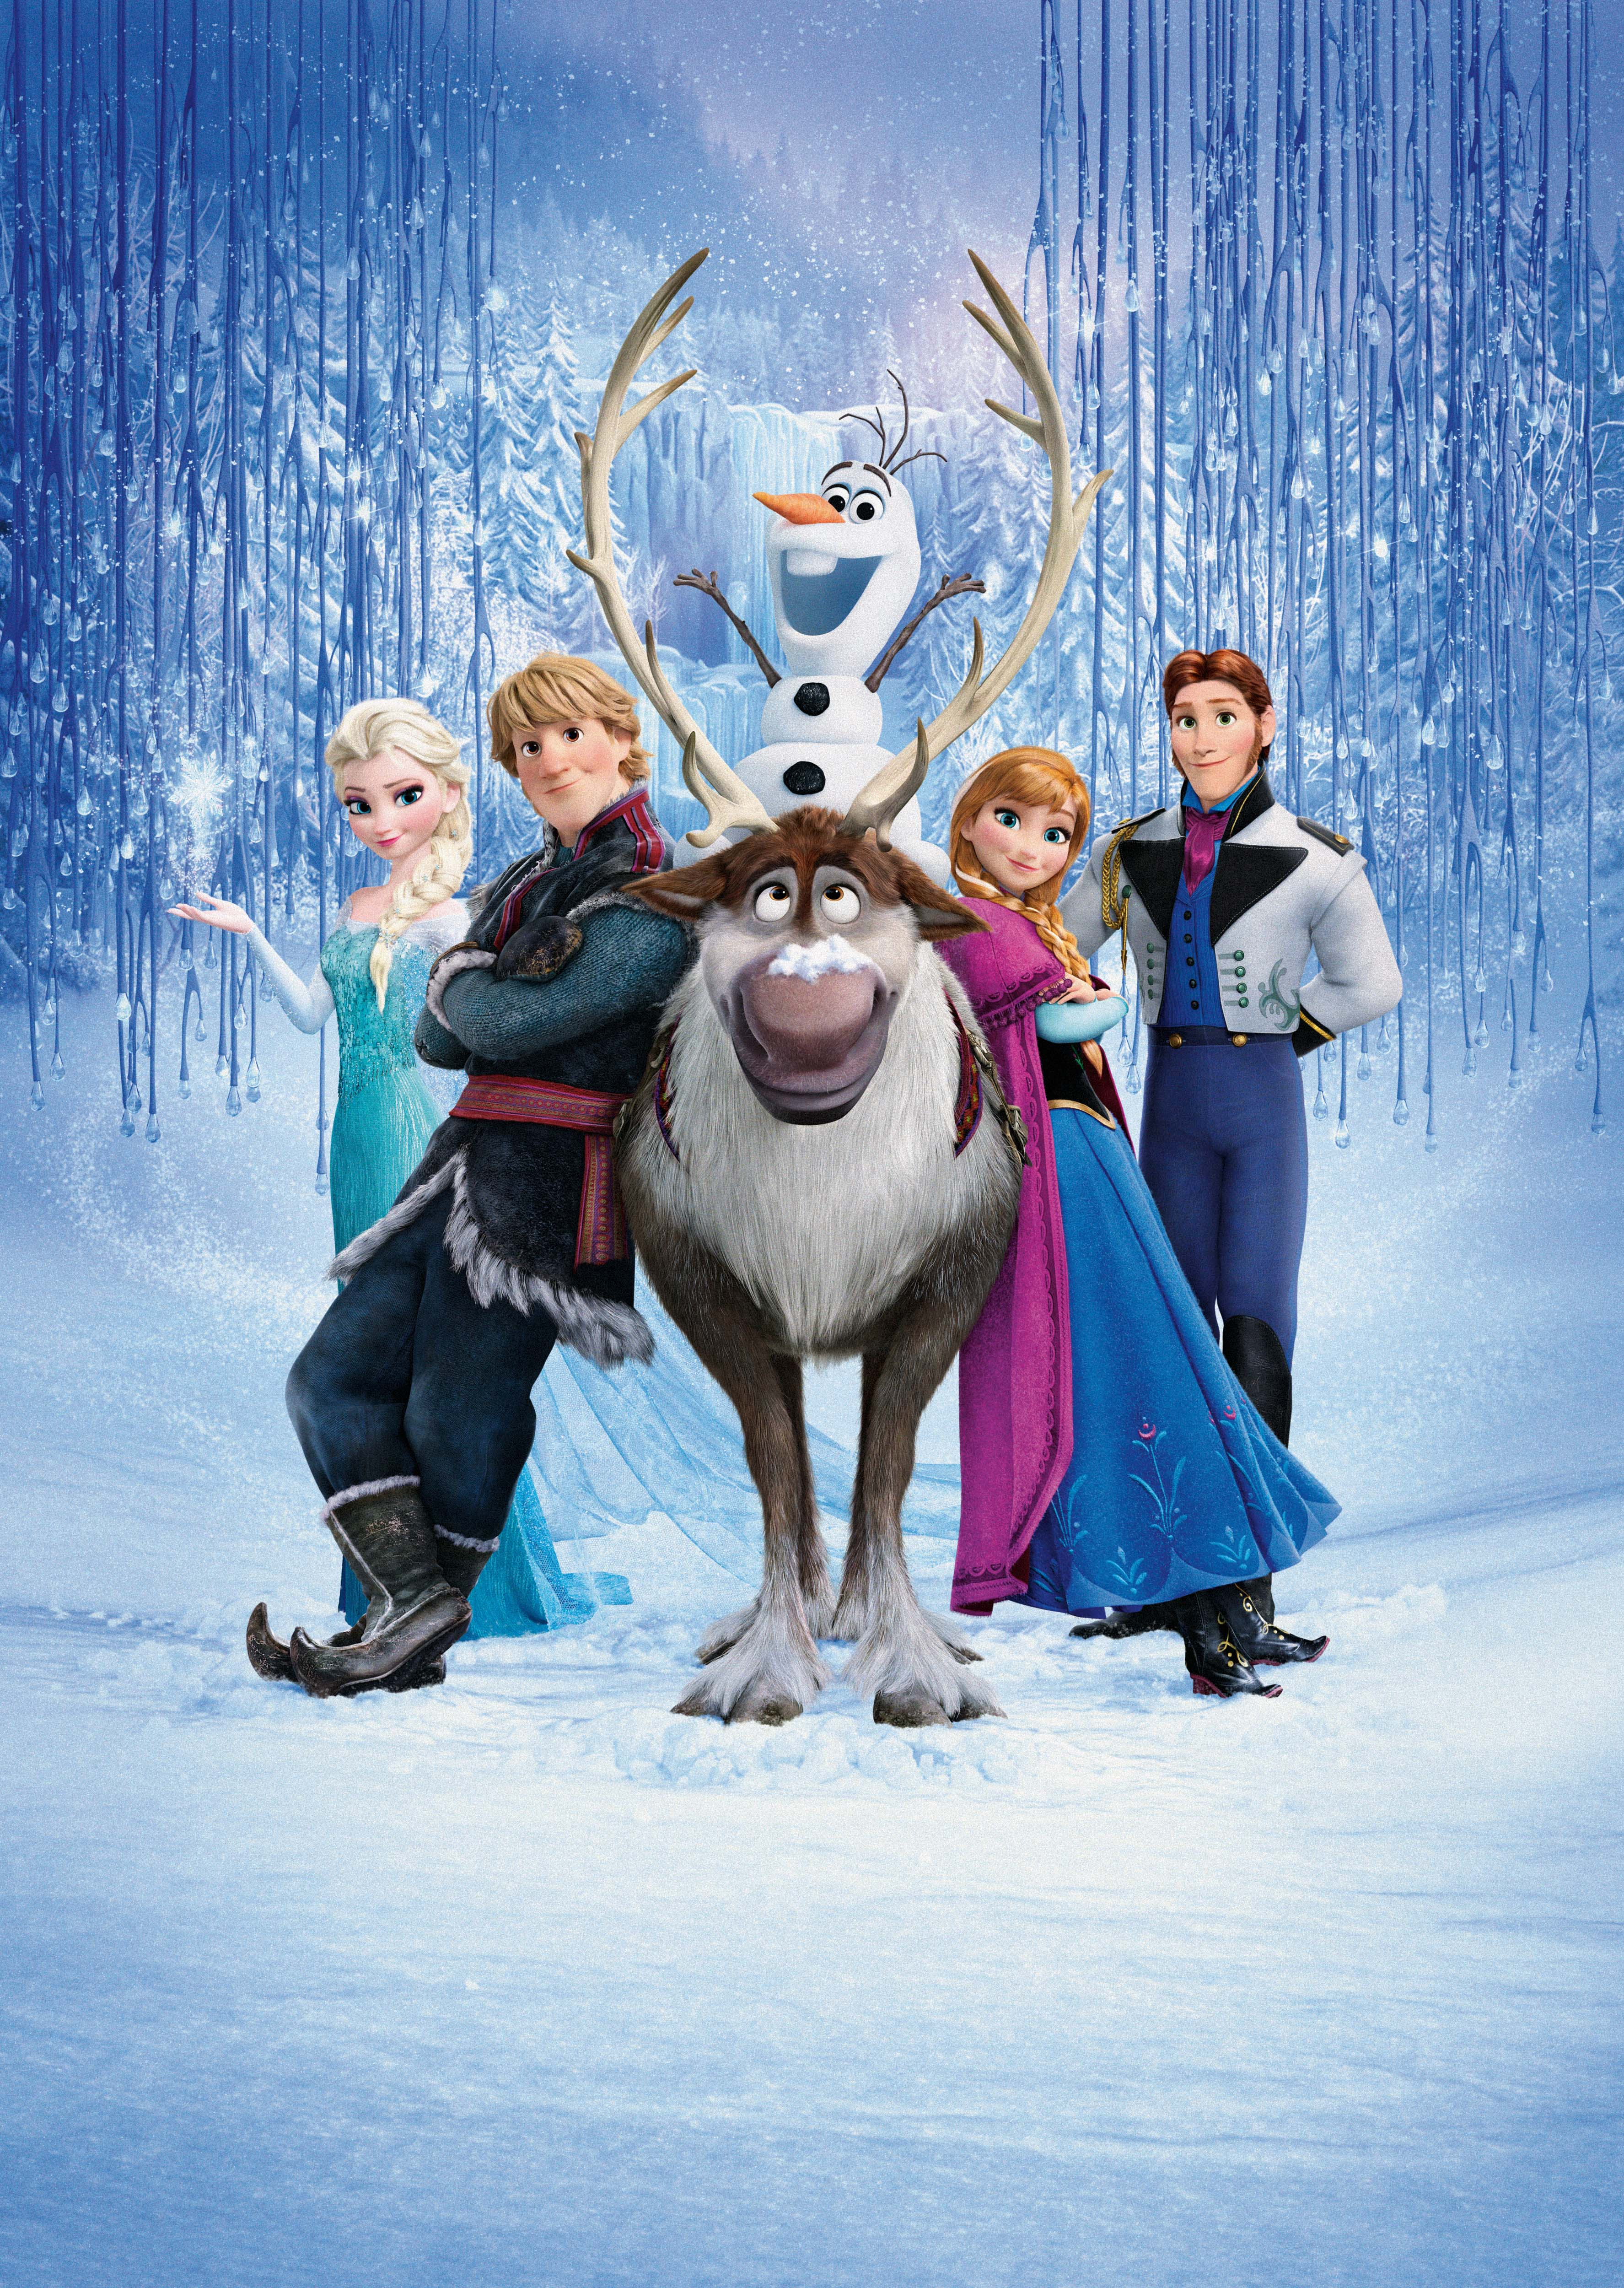 12-DEC-2014: Frozen